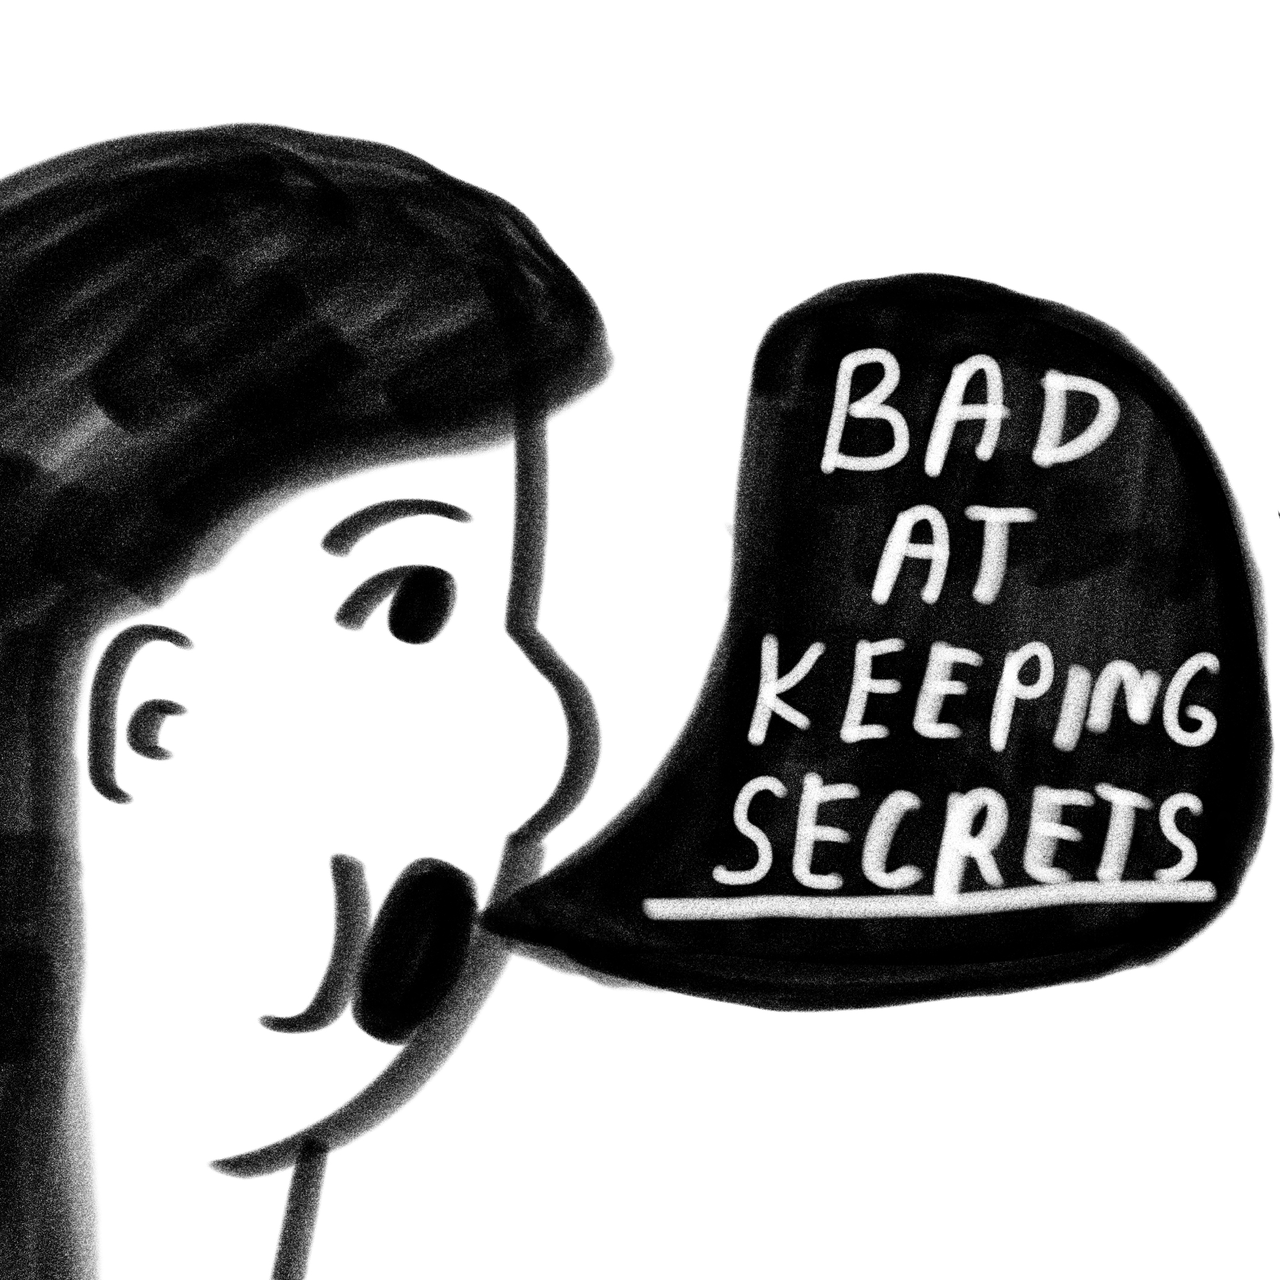 BAD AT KEEPING SECRETS